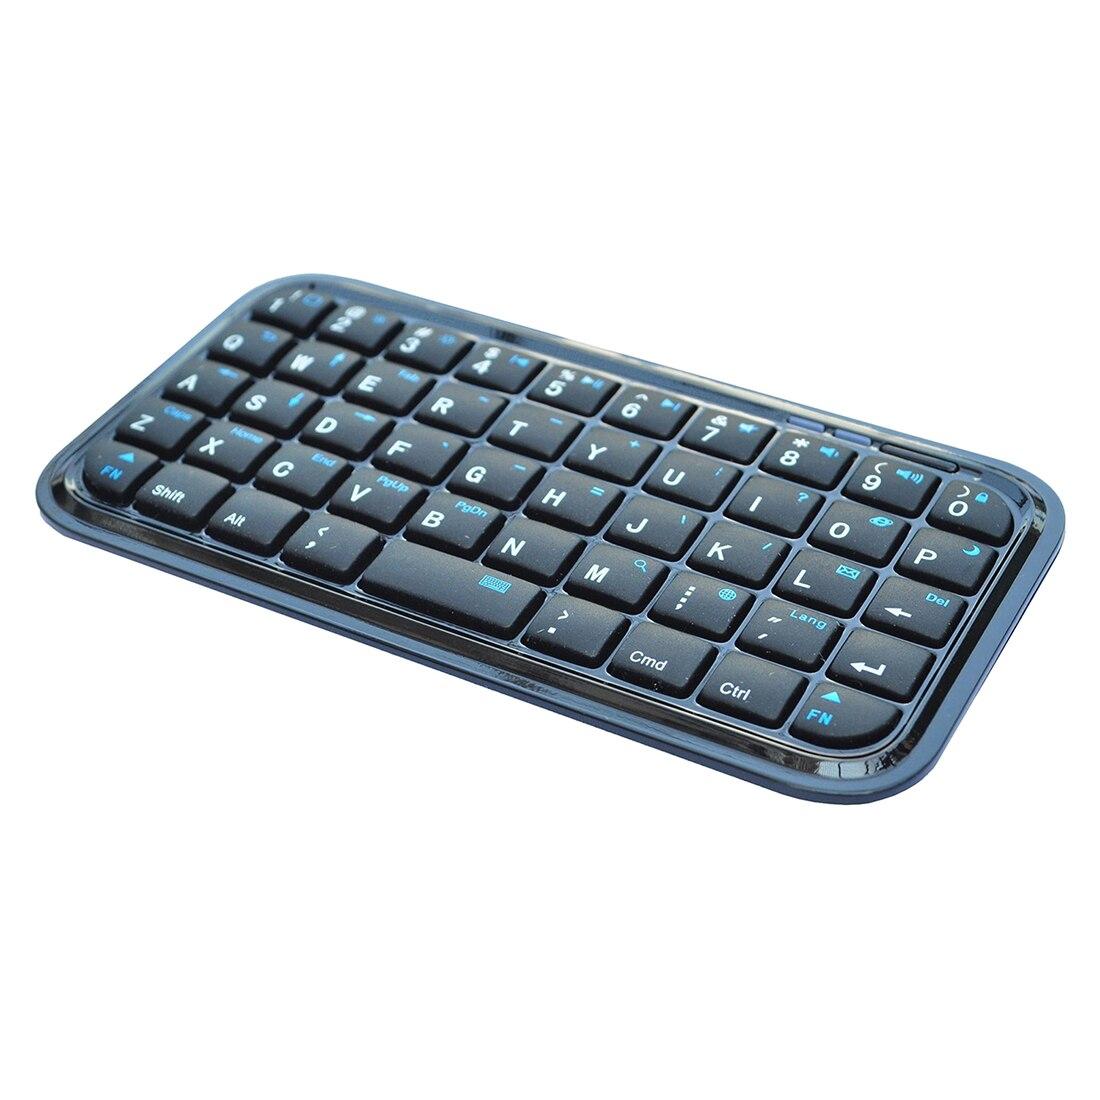 font b Mini b font Bluetooth Wireless Keyboard for iPhone 4 i Pad MAC OS